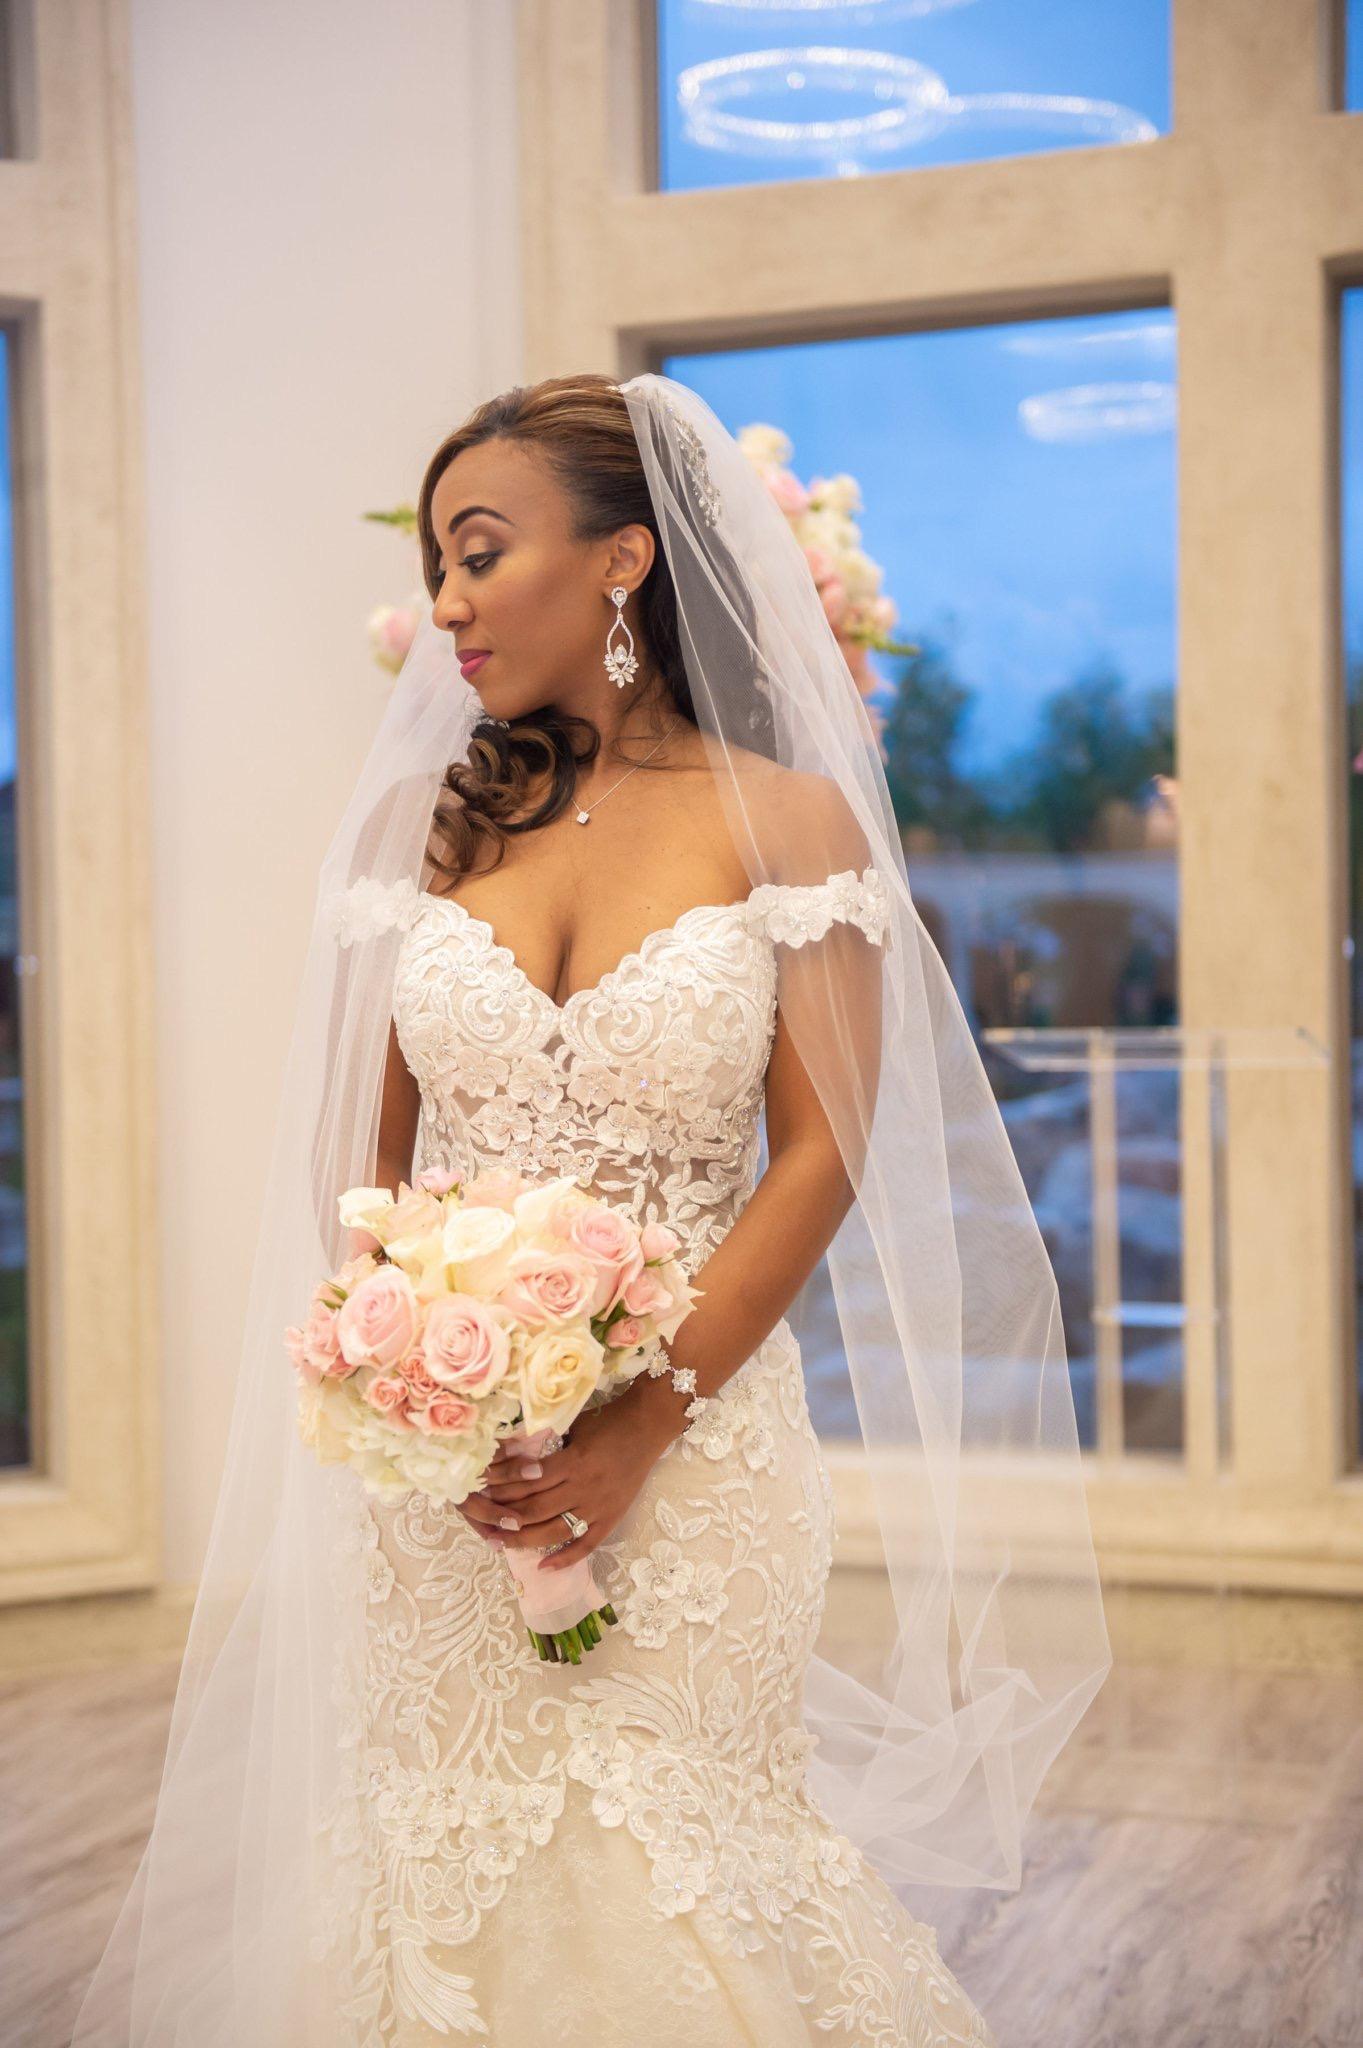 Trucarma Bridal Services